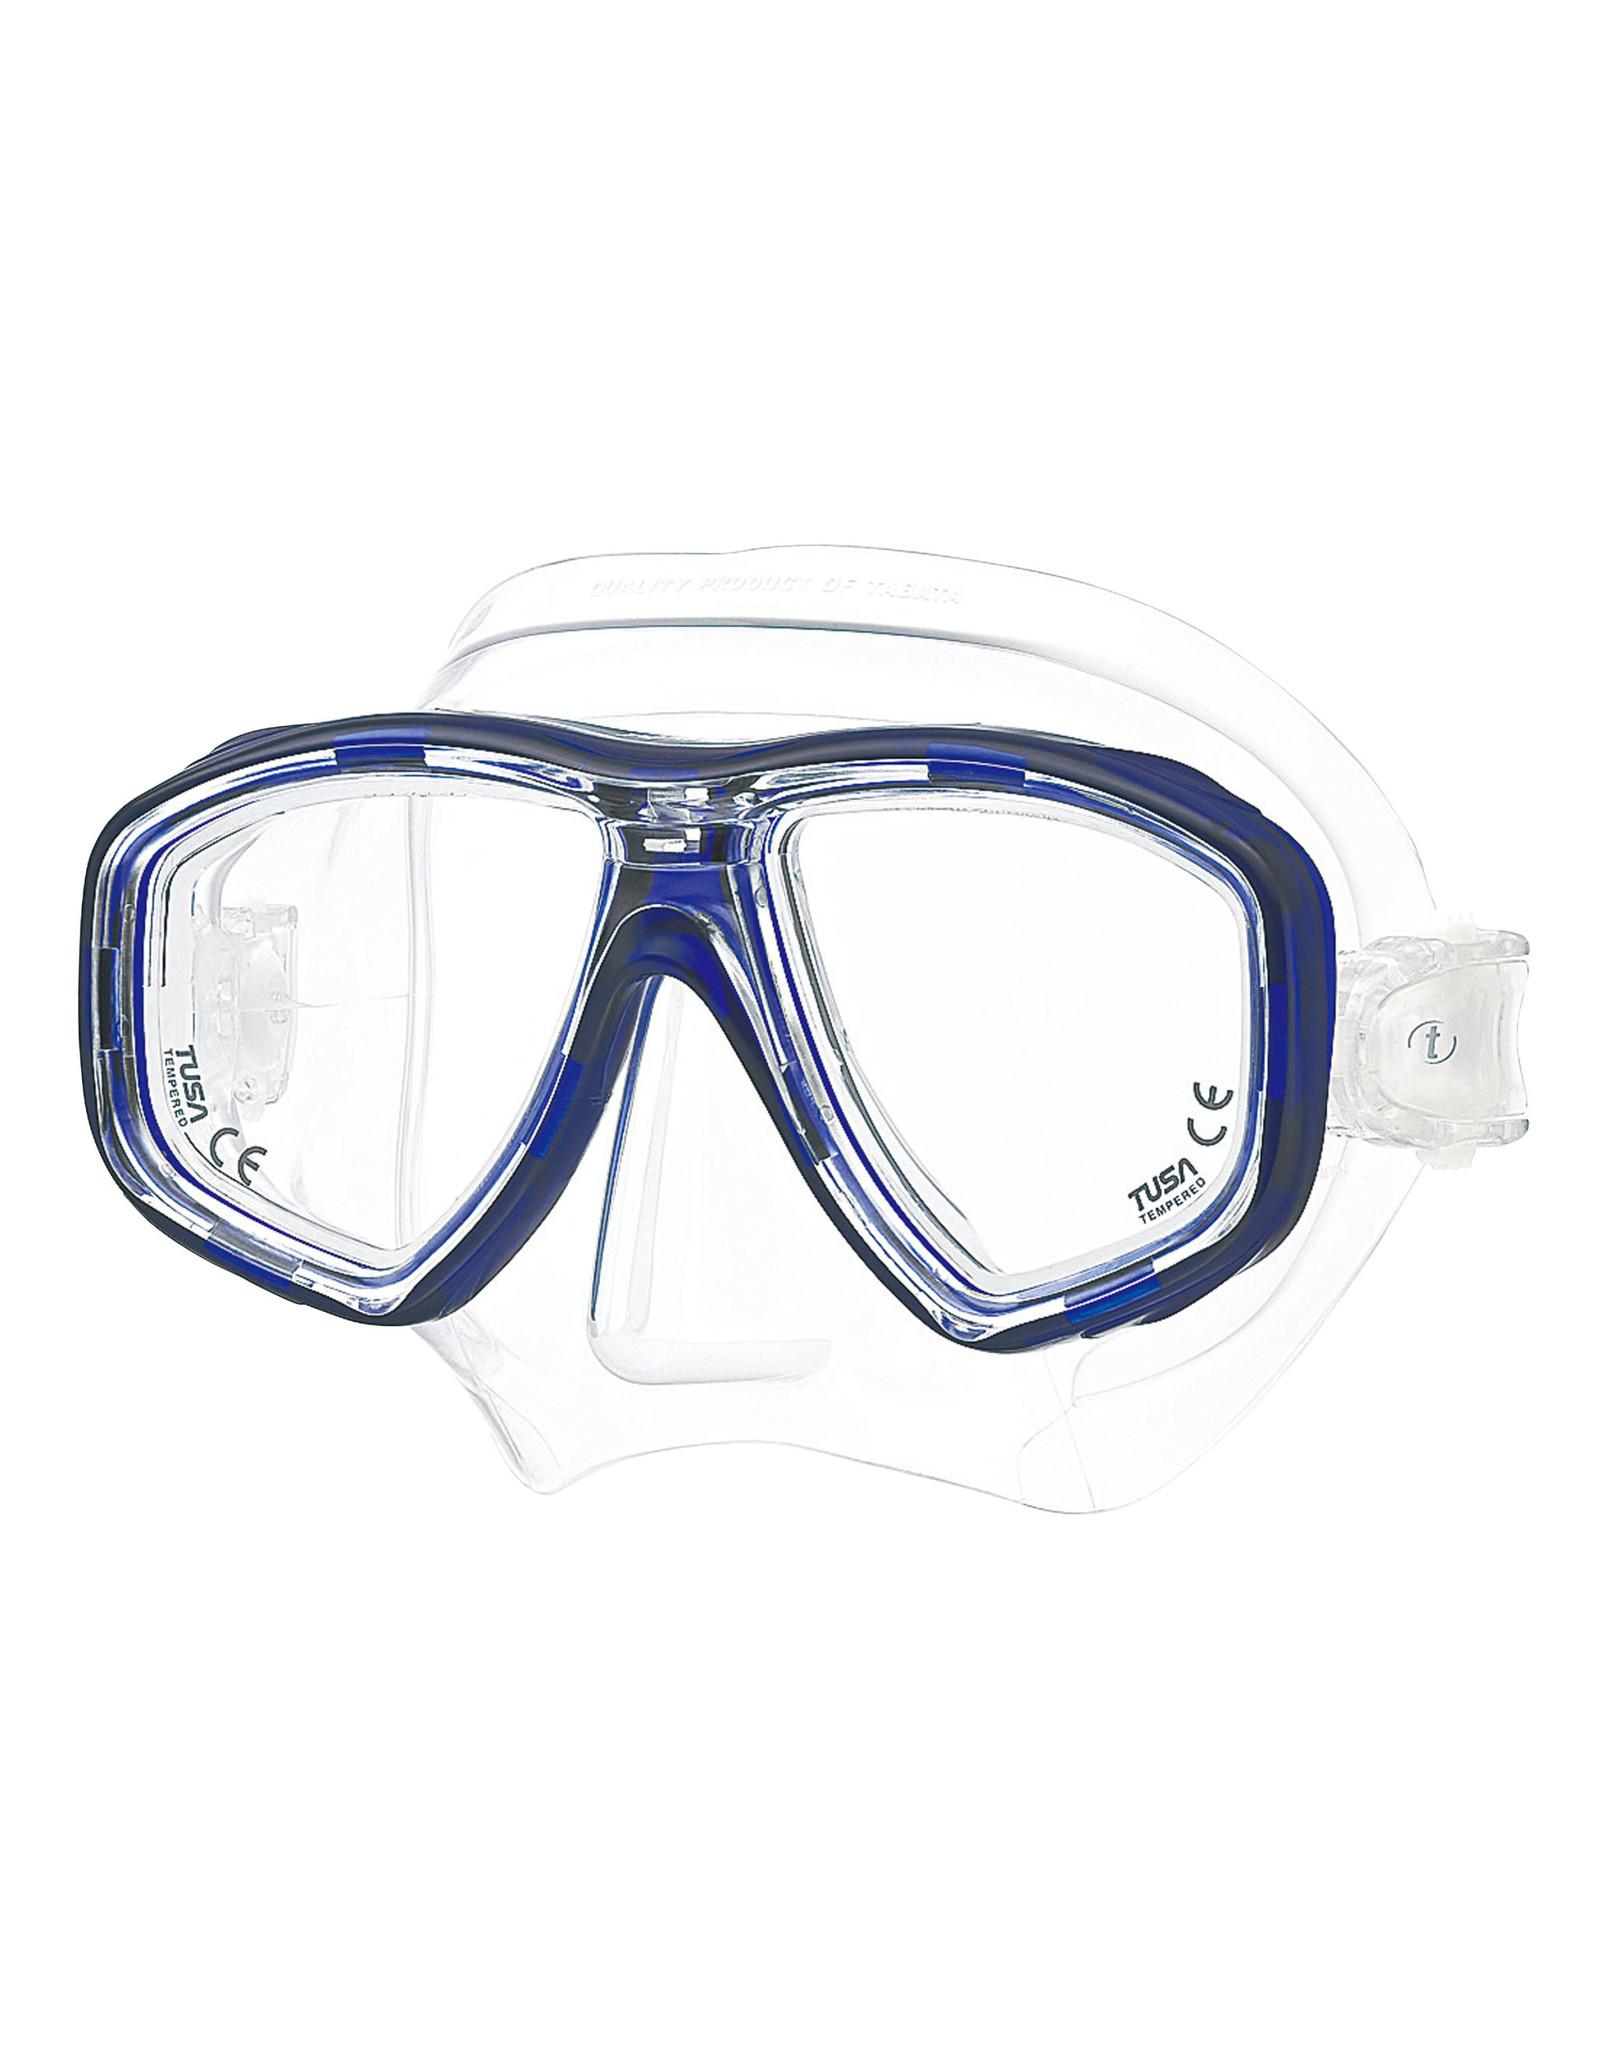 TUSA TUSA Freedom Ceos - Cobalt Blue